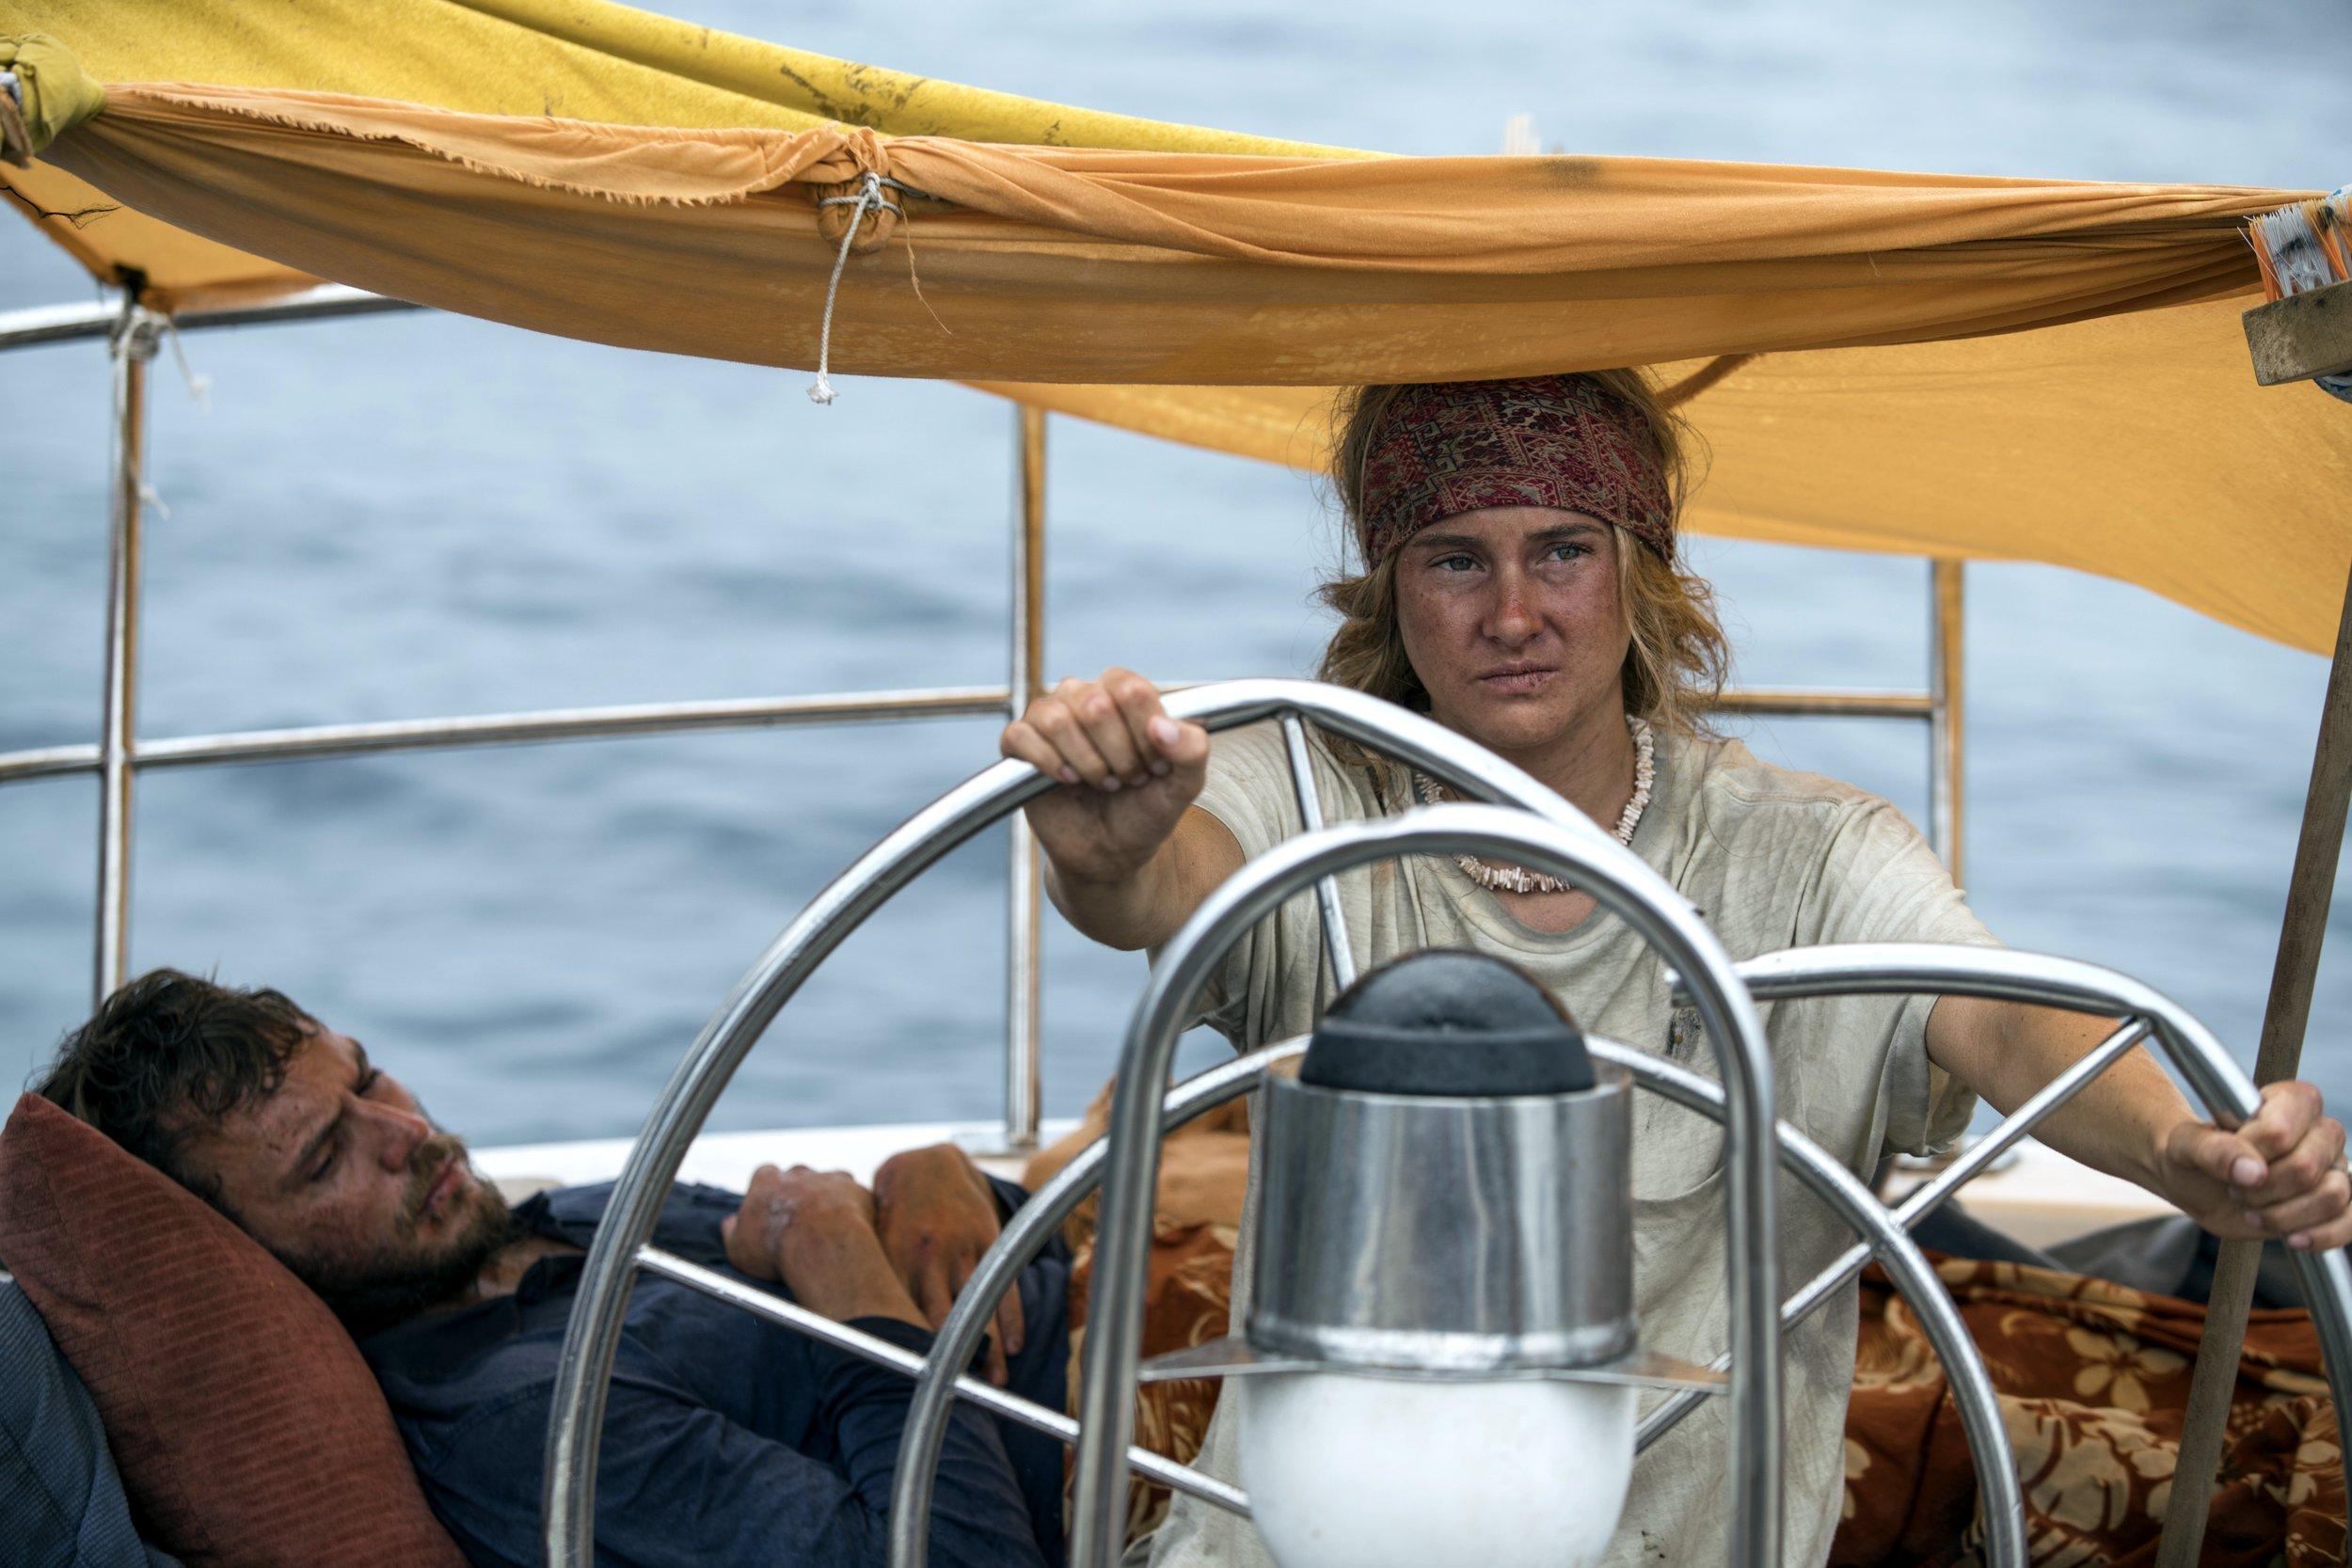 Er det mulig å overleve 41 døgn i en ramponert seilbåt som driver rundt på Stillehavet? Tami (Shailene Woodley) og Richard (Sam Claflin) møter enorme utfordringer.